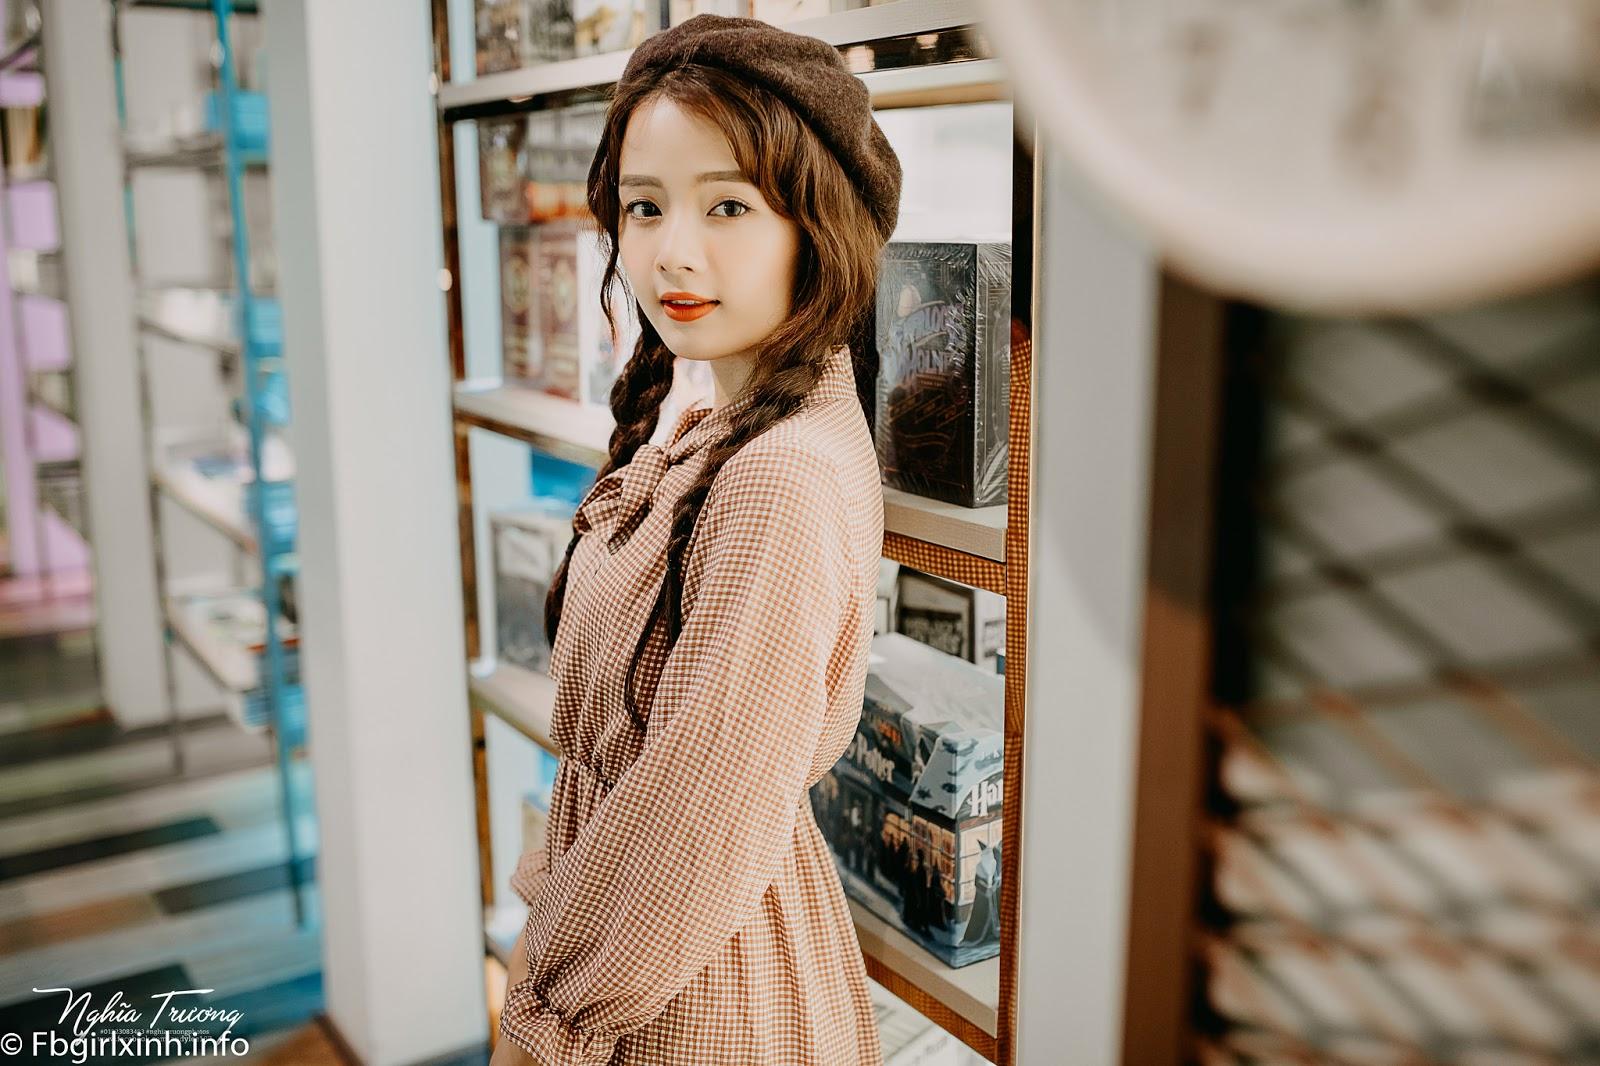 Vẻ đẹp búp bê của hot girl ảnh thẻ Hương Lê ...